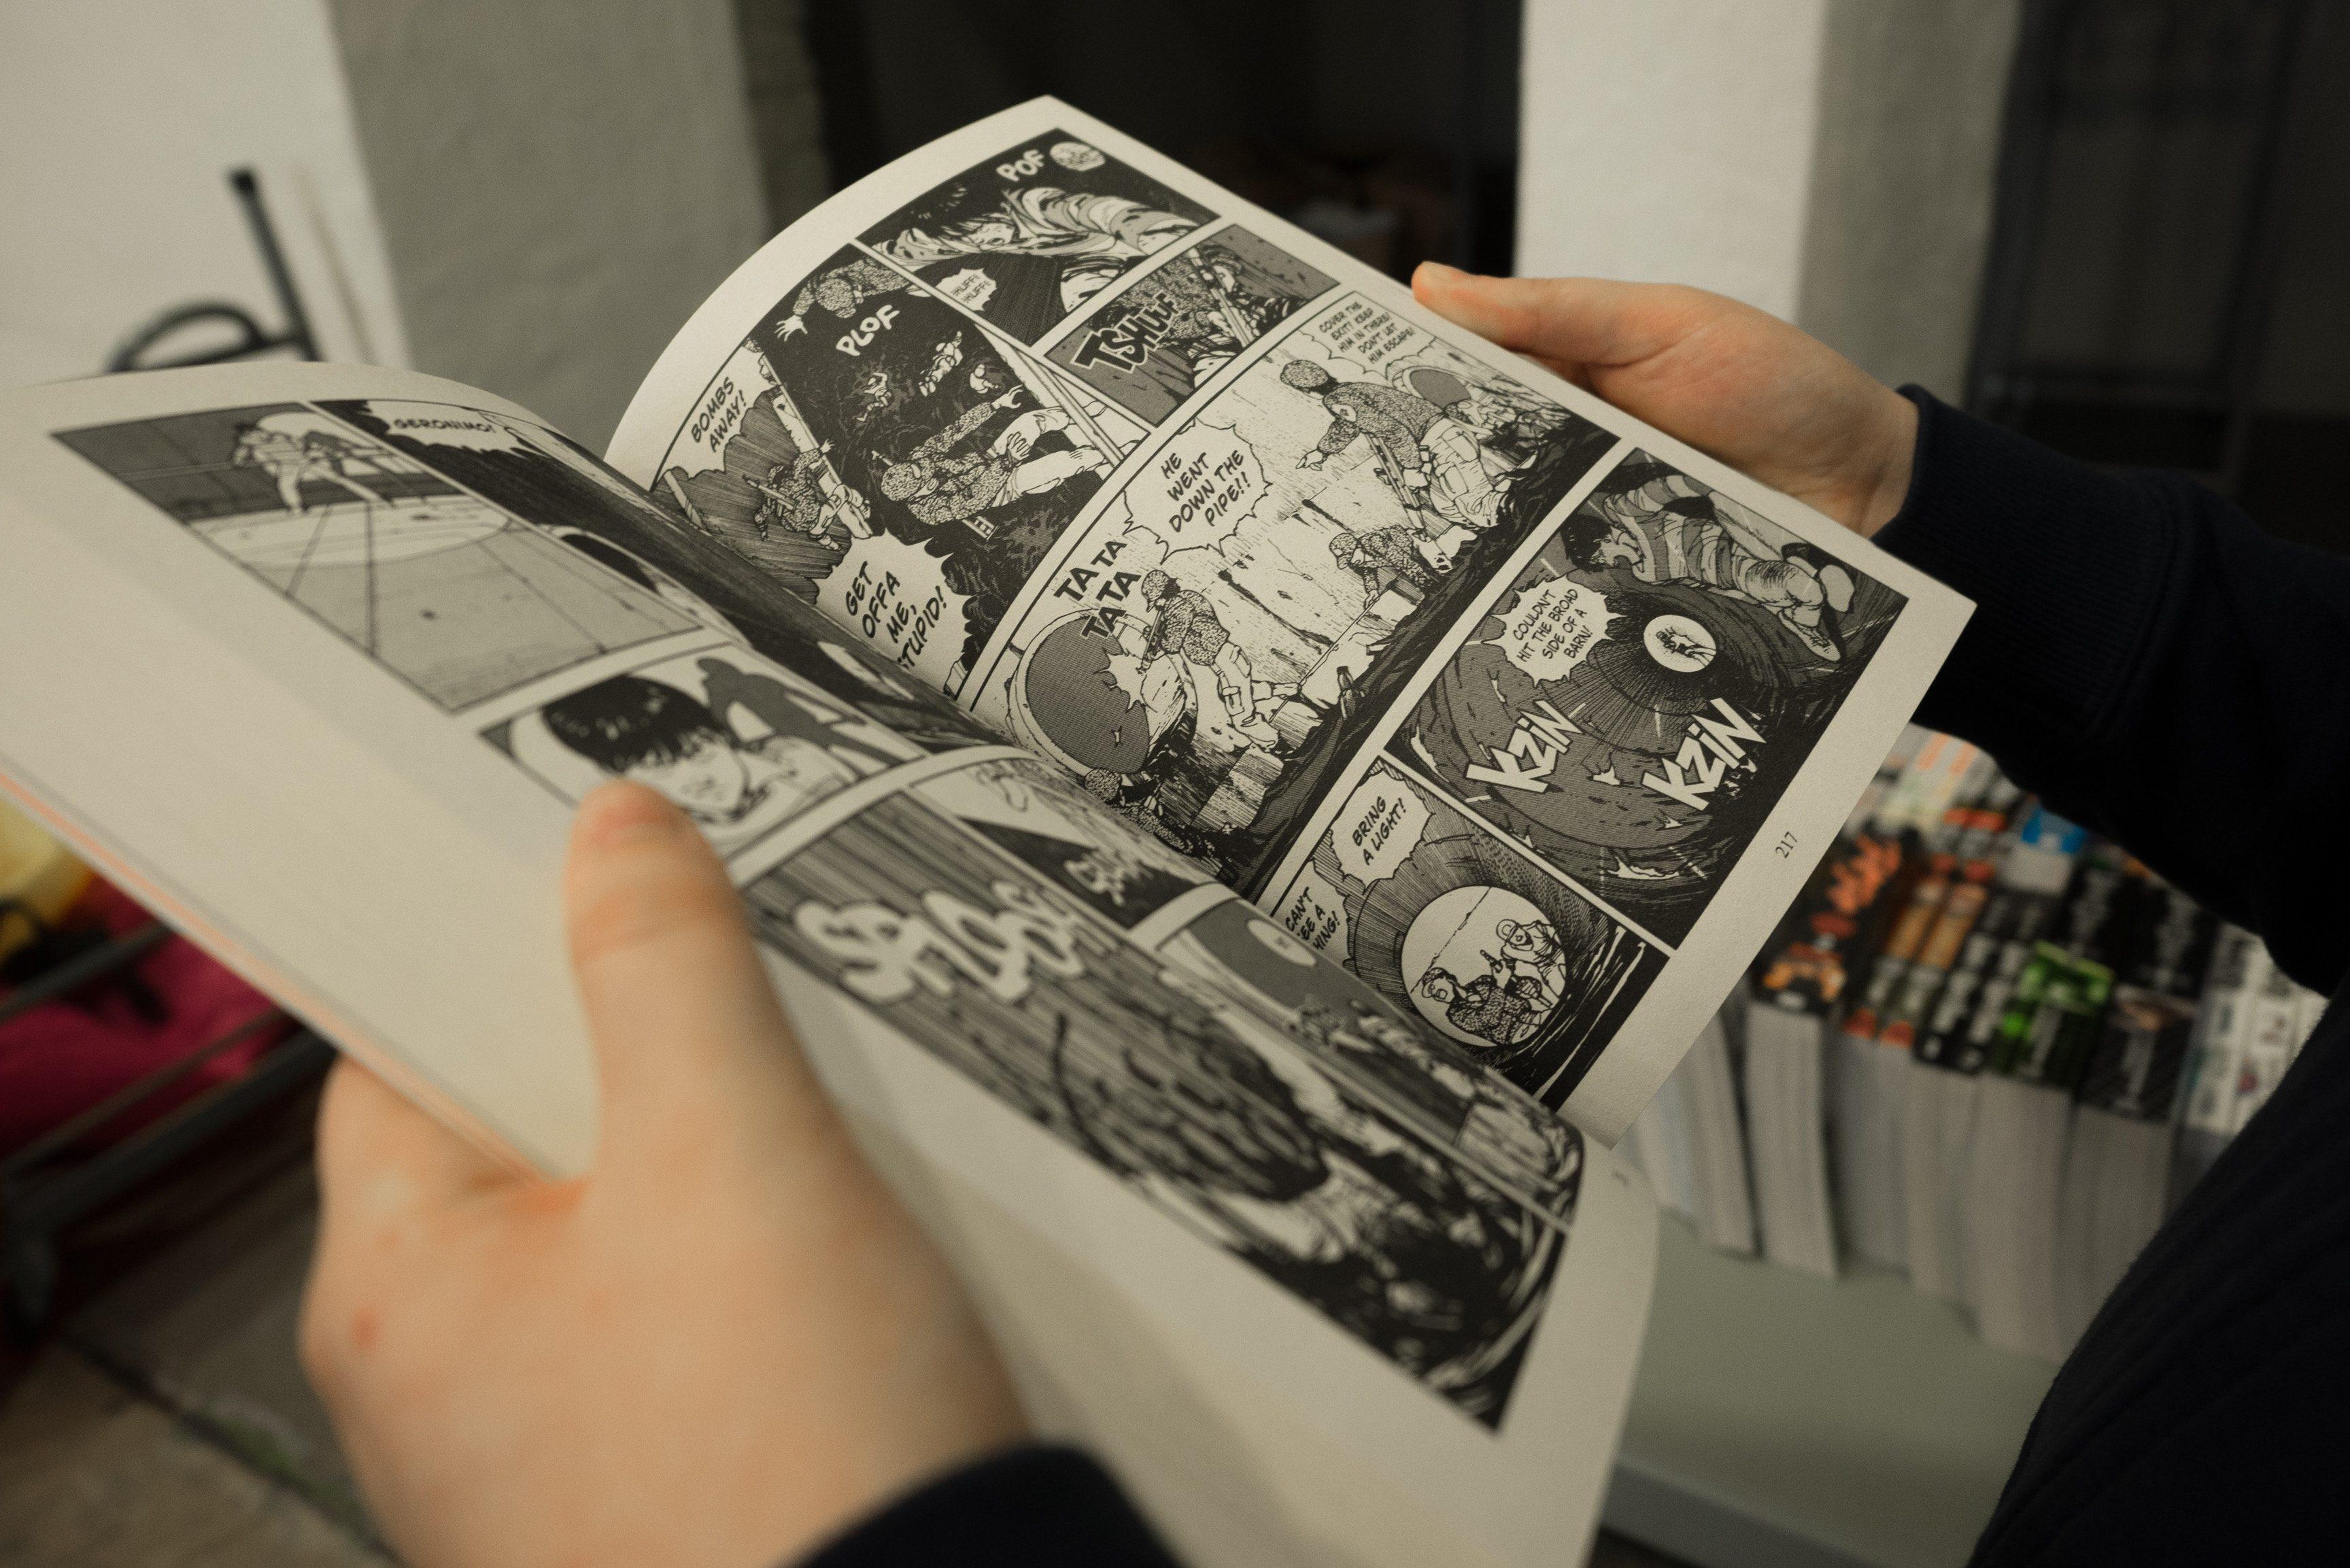 Mad about manga? Check out Kyoto International Manga Museum